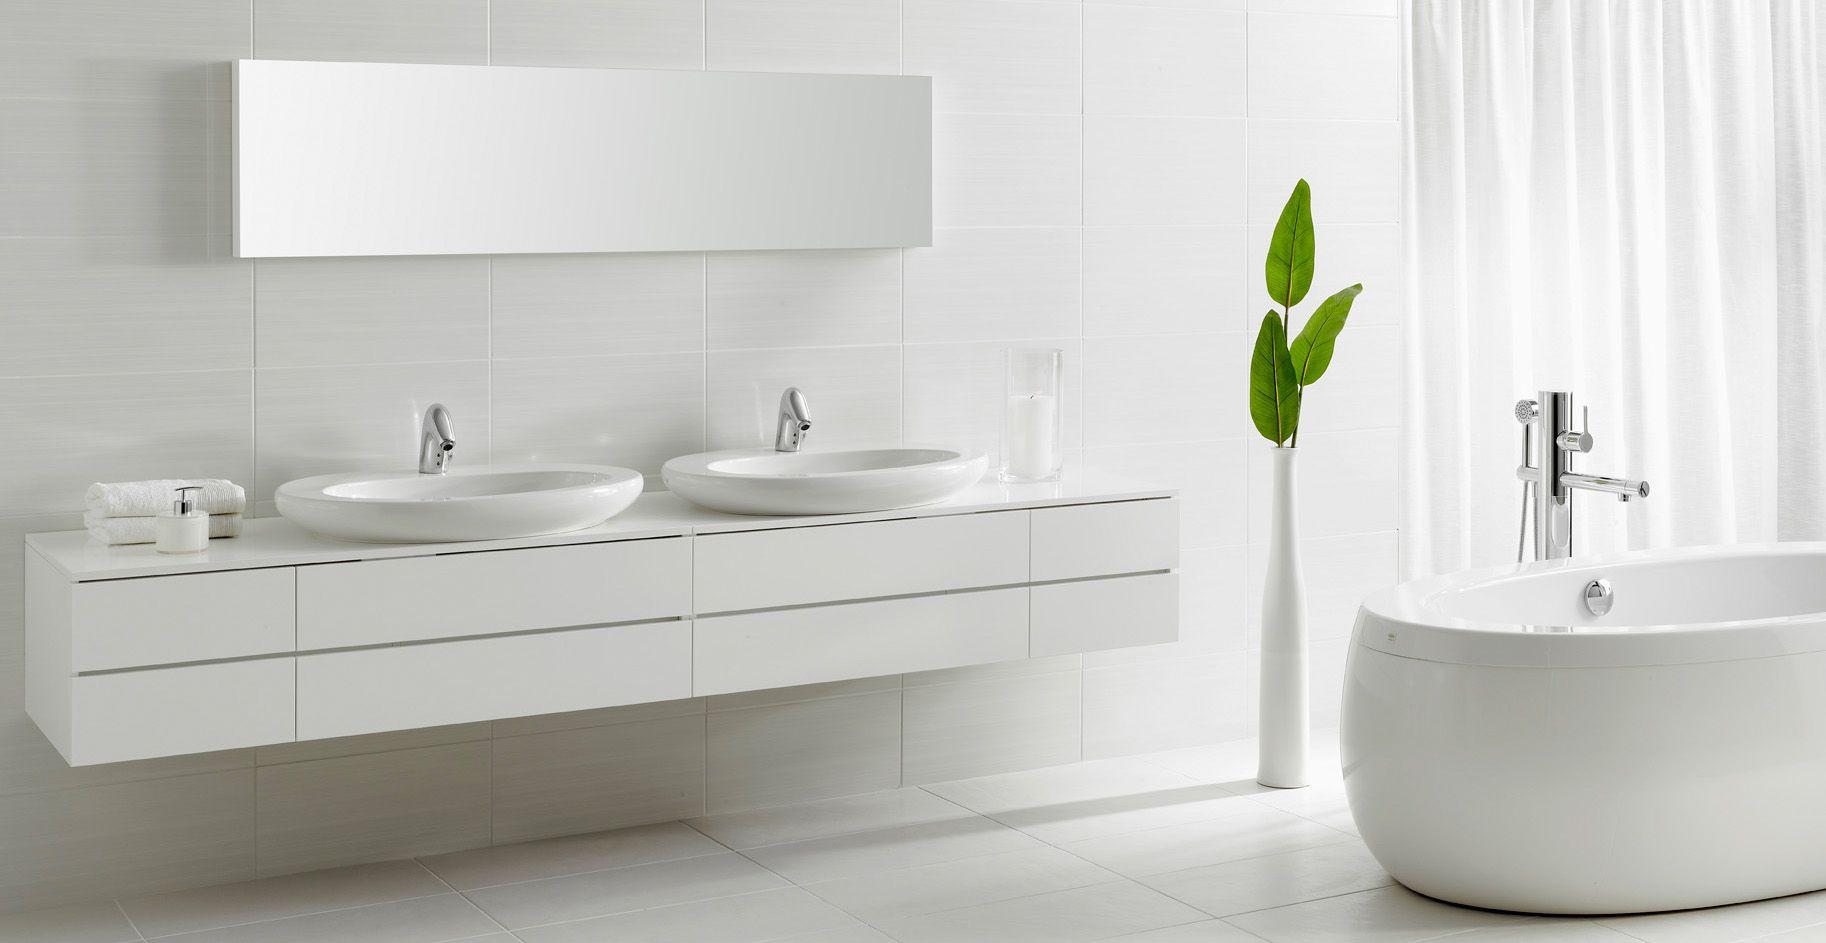 Alessi Bagno ~ Wash basin faucet il bagno alessi sense by oras. design: rodrigo